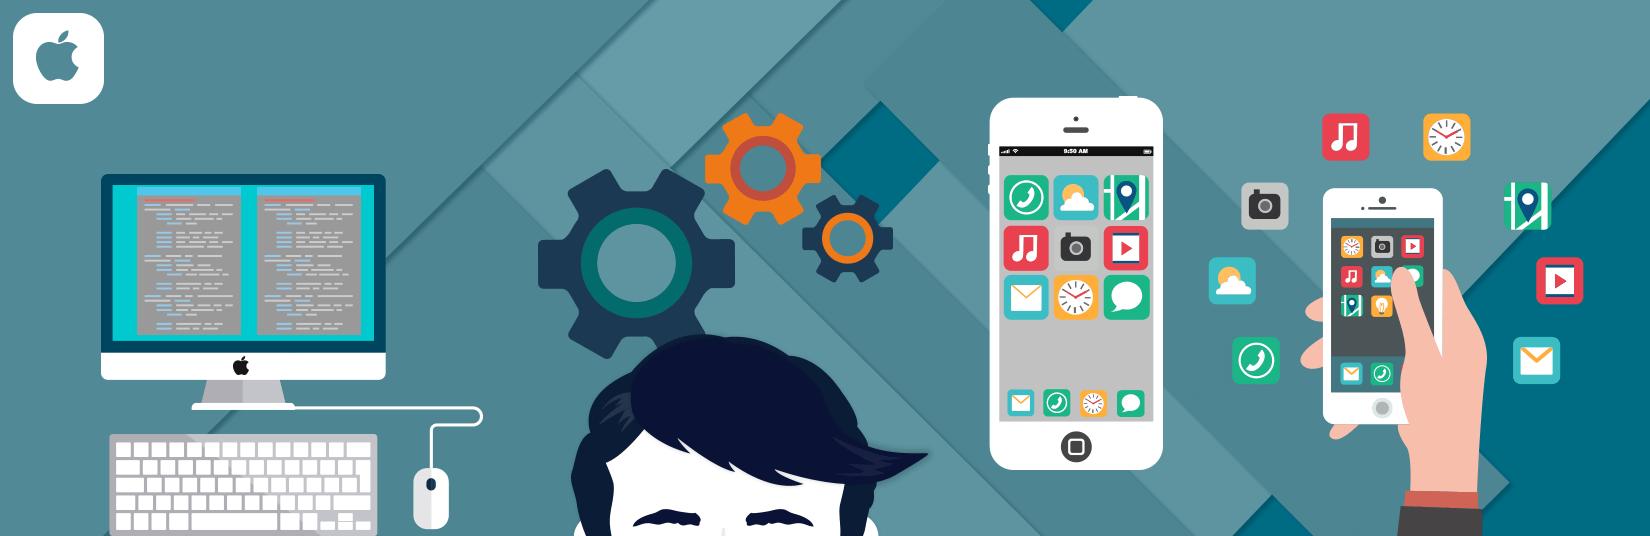 重庆 iOS 开发者社群